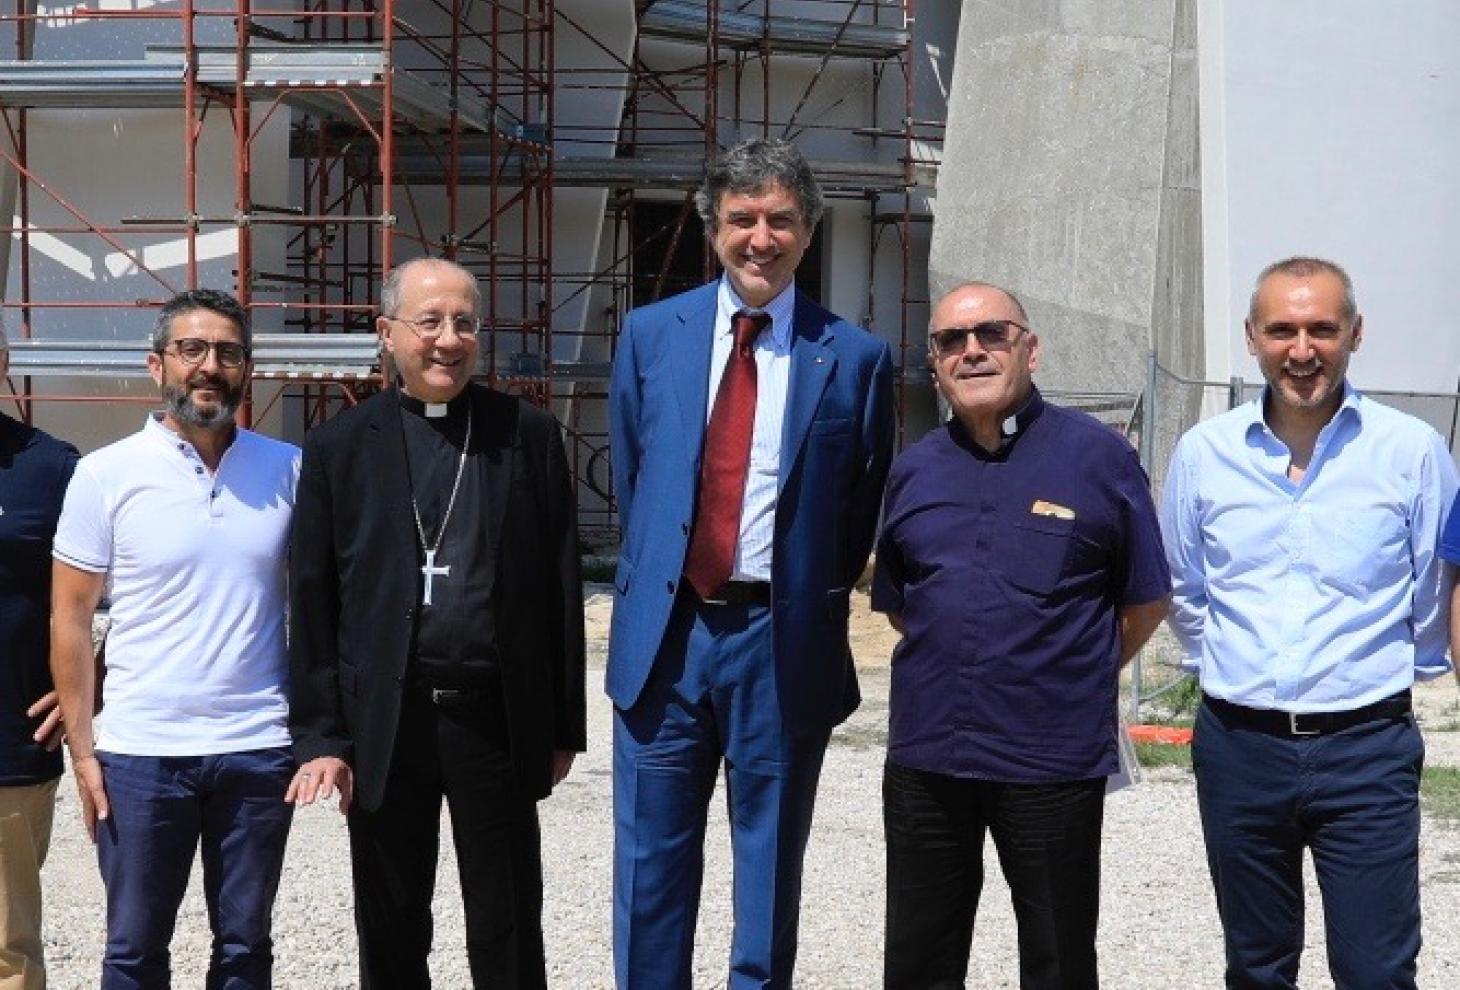 Il presidente della Regione Abruzzo, Marco Marsilio, accompagnato dall'arcivescovo di Chieti, monsignor Bruno Forte.